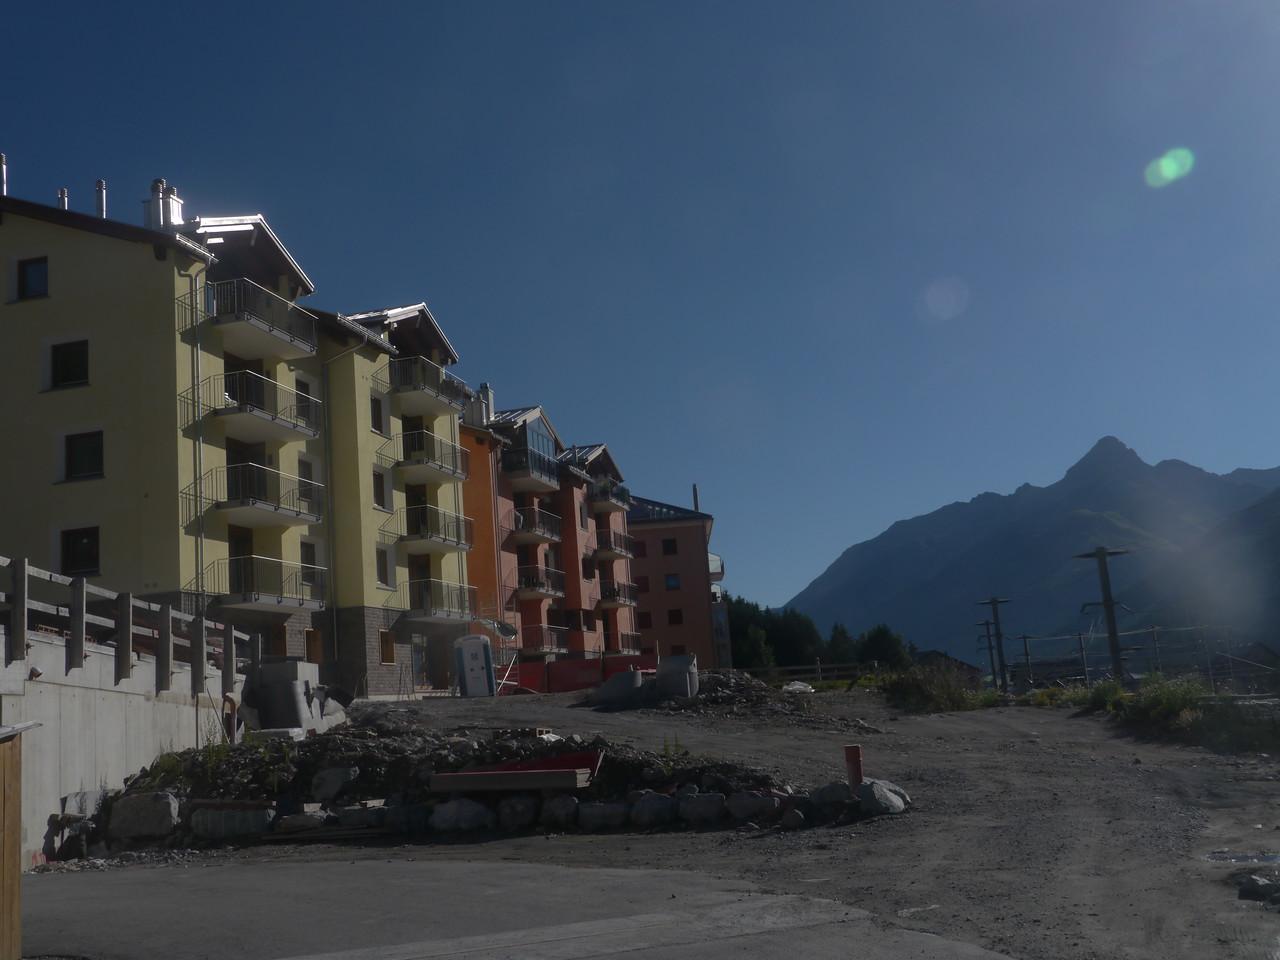 @ 2012 / Zernez, Brail, Kanton Graubünden, CHE, Schweiz, 1472 m ü/M, 17/08/2014 08:52:09